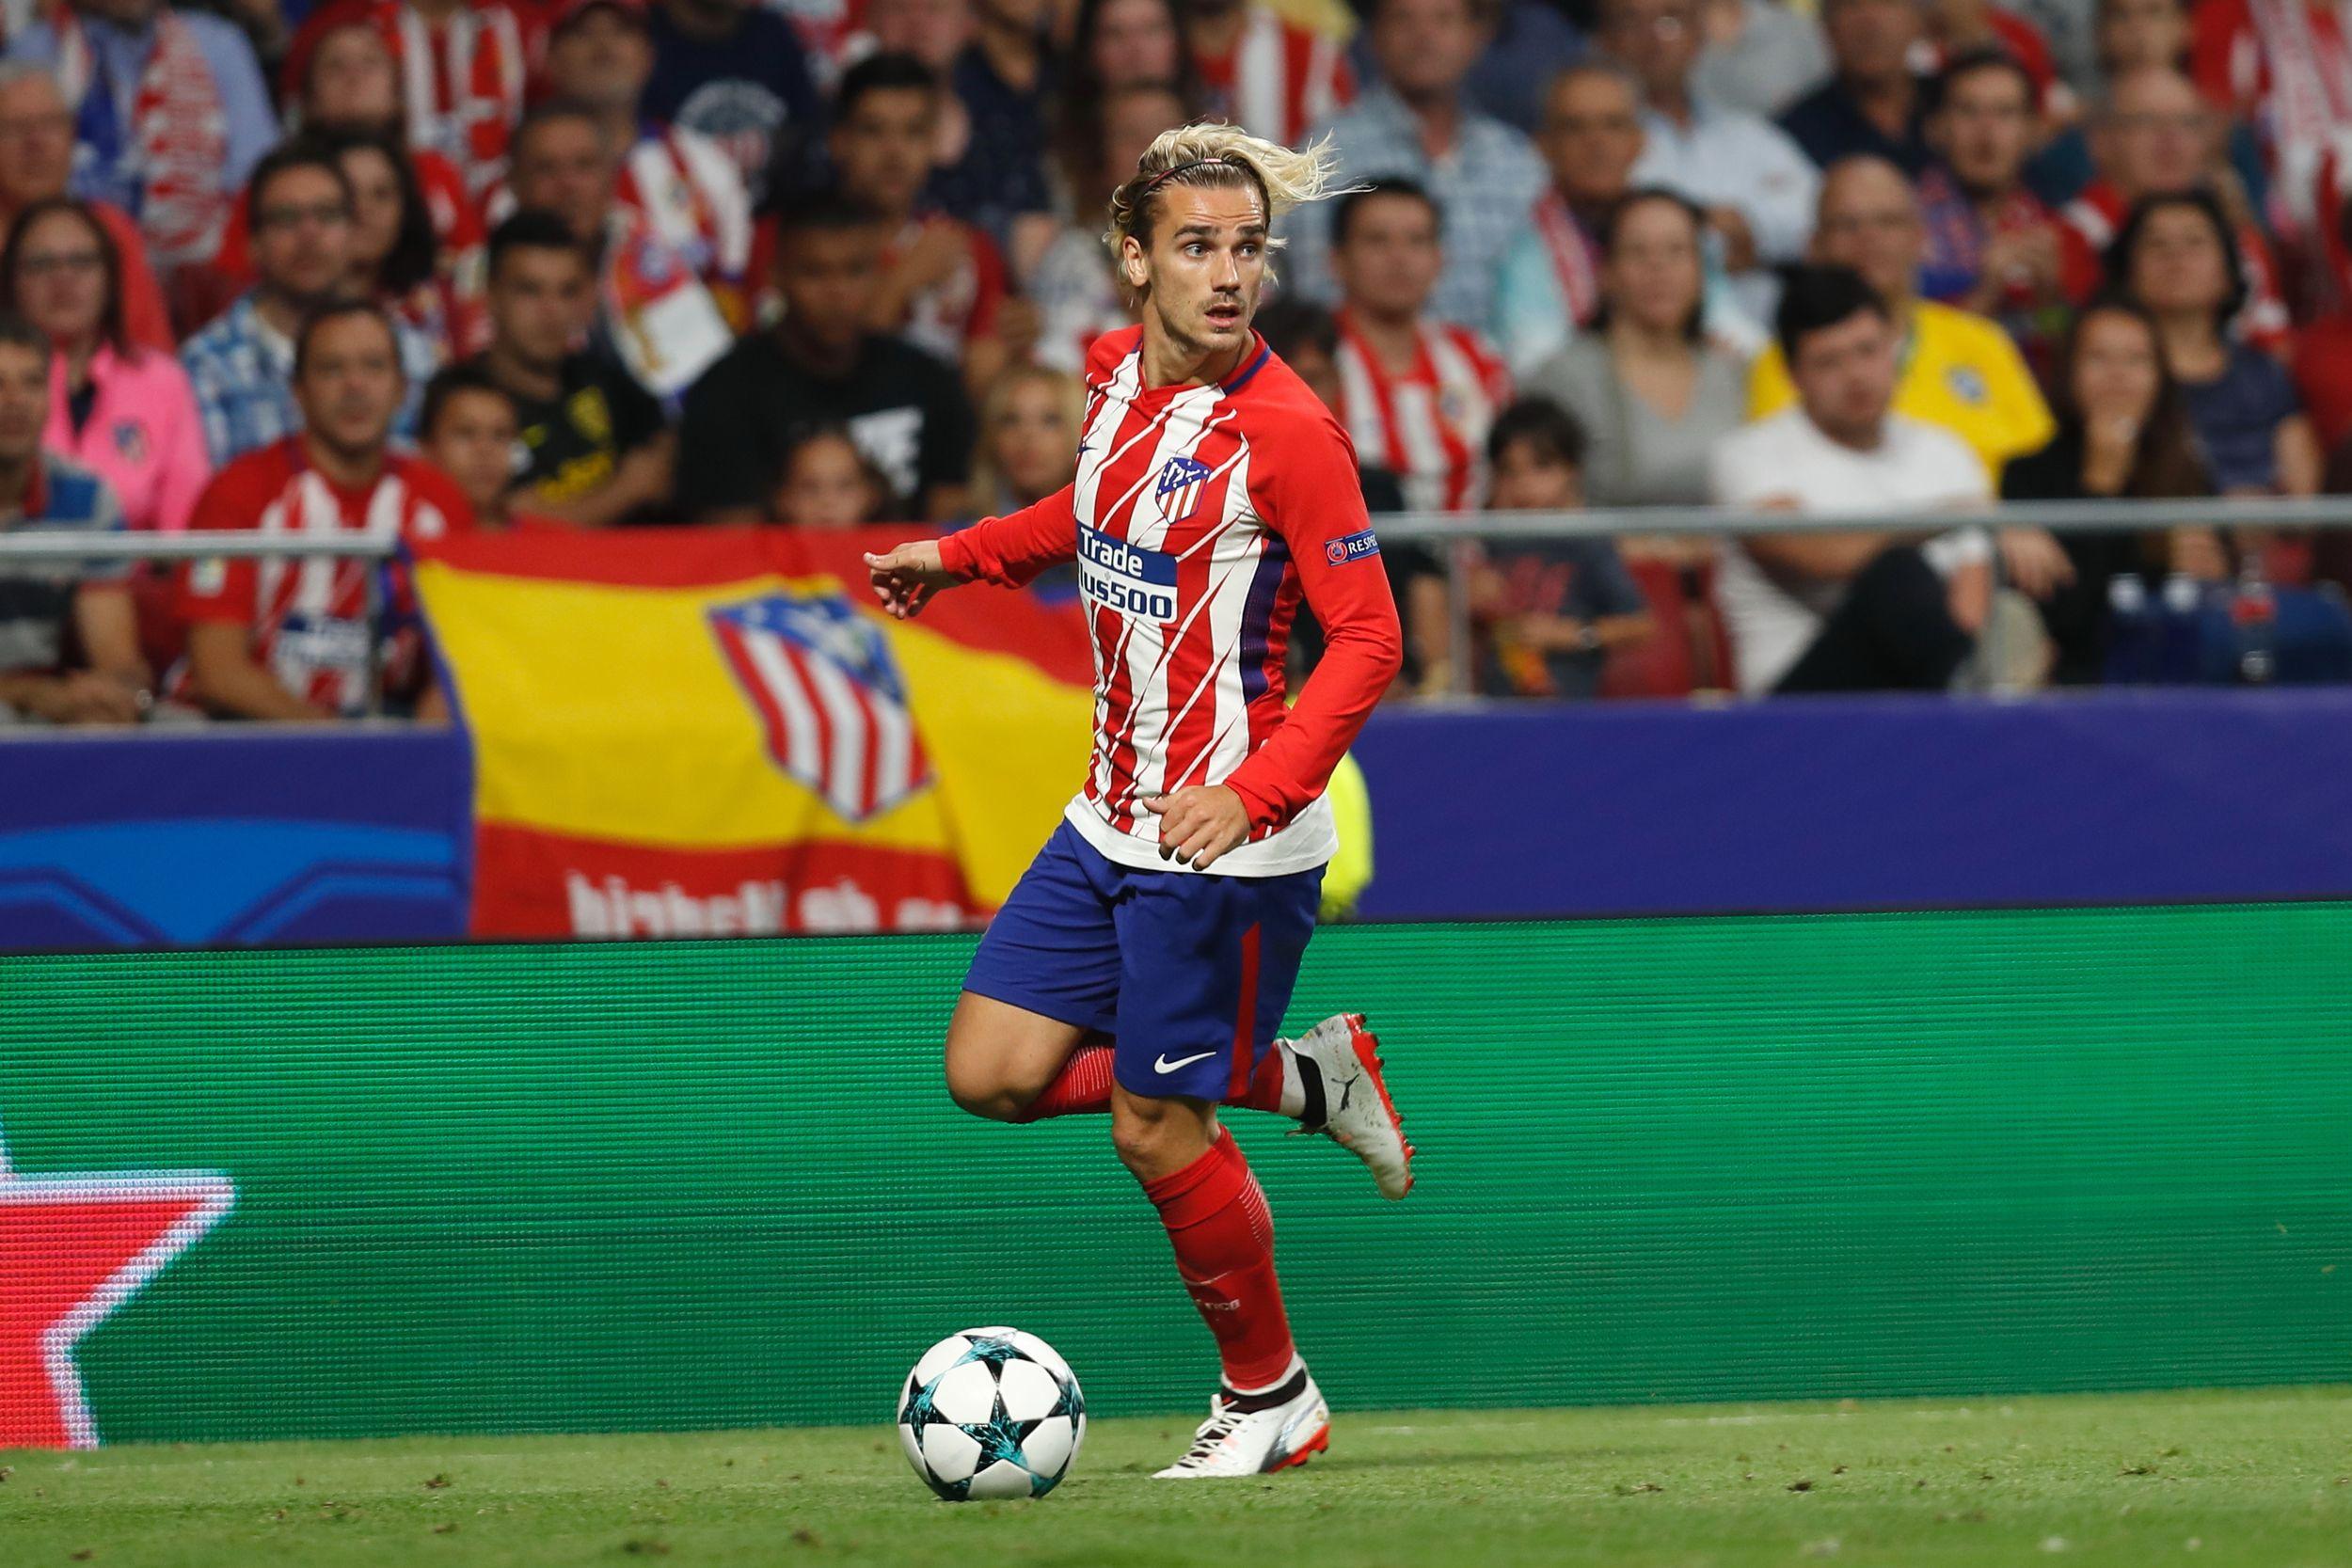 Football - Etranger - Liga : Celta Vigo-Atlético Madrid en direct